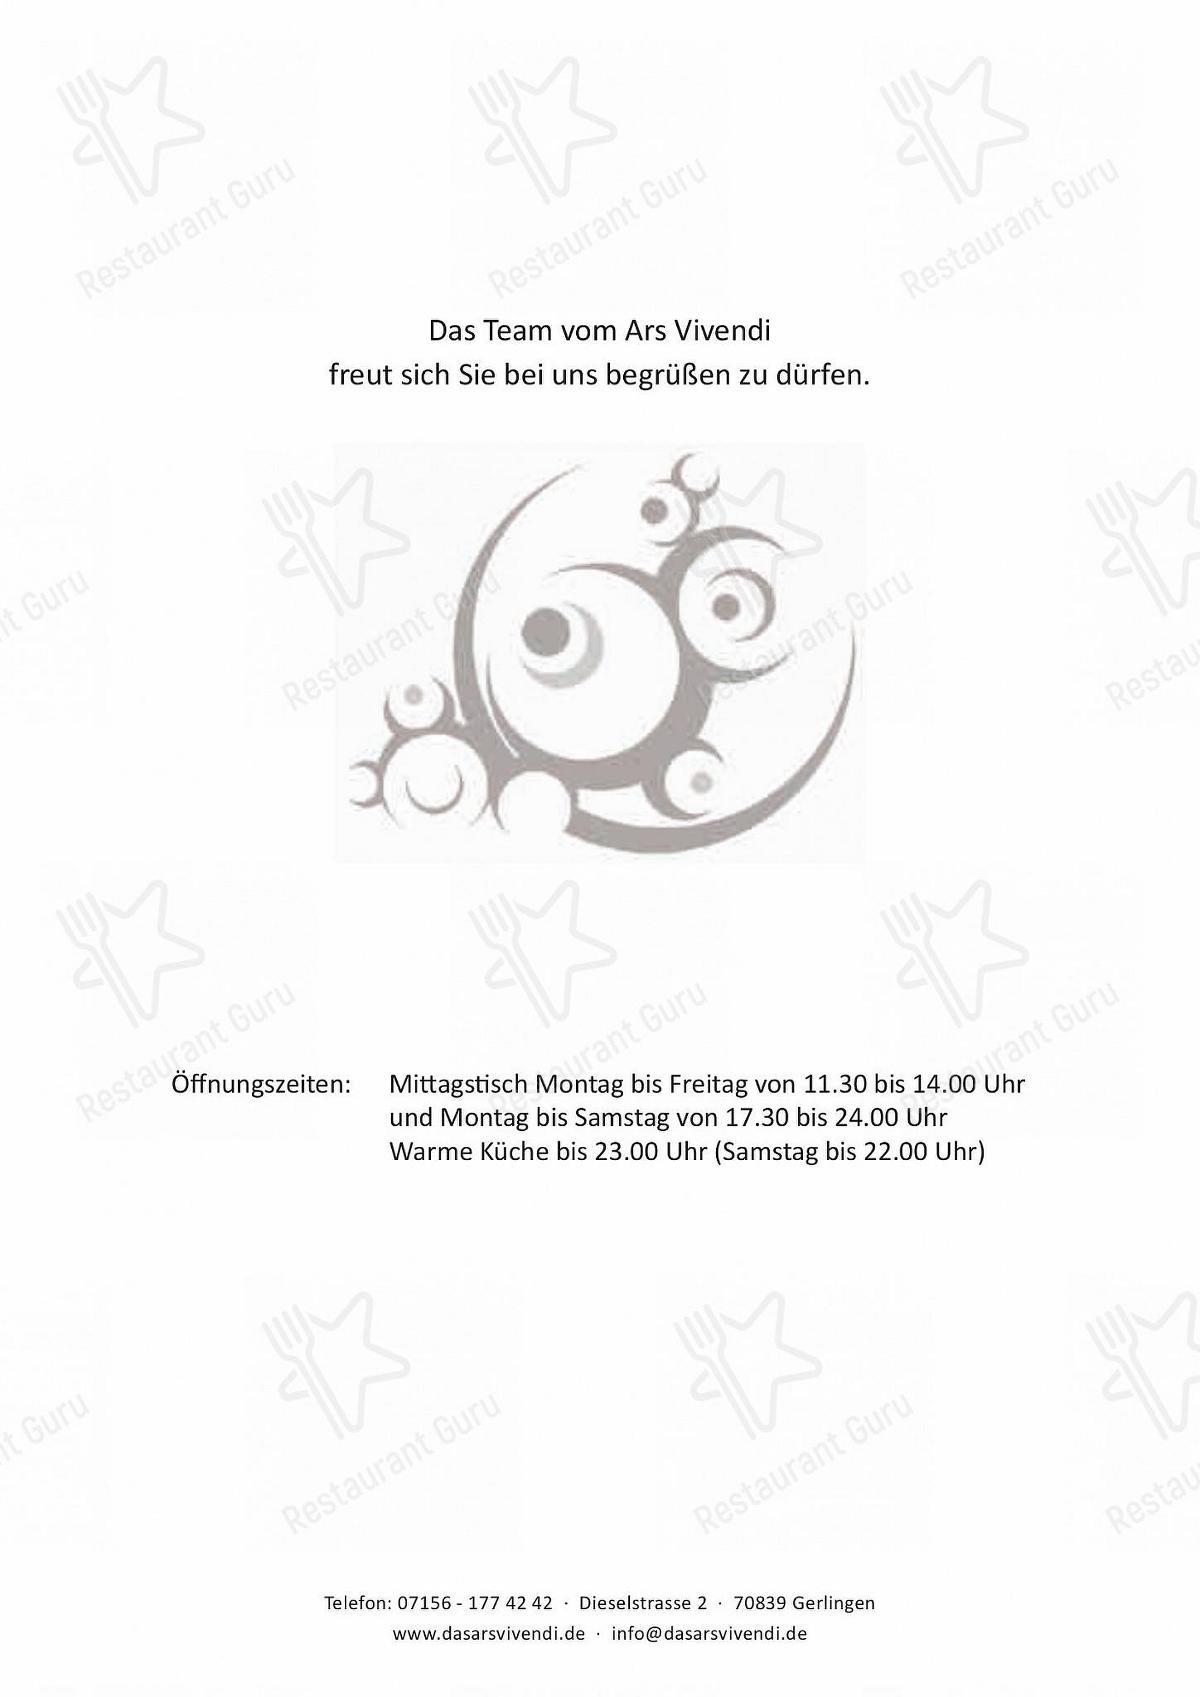 Ars Vivendi Speisekarte - Gerichte und Getränke